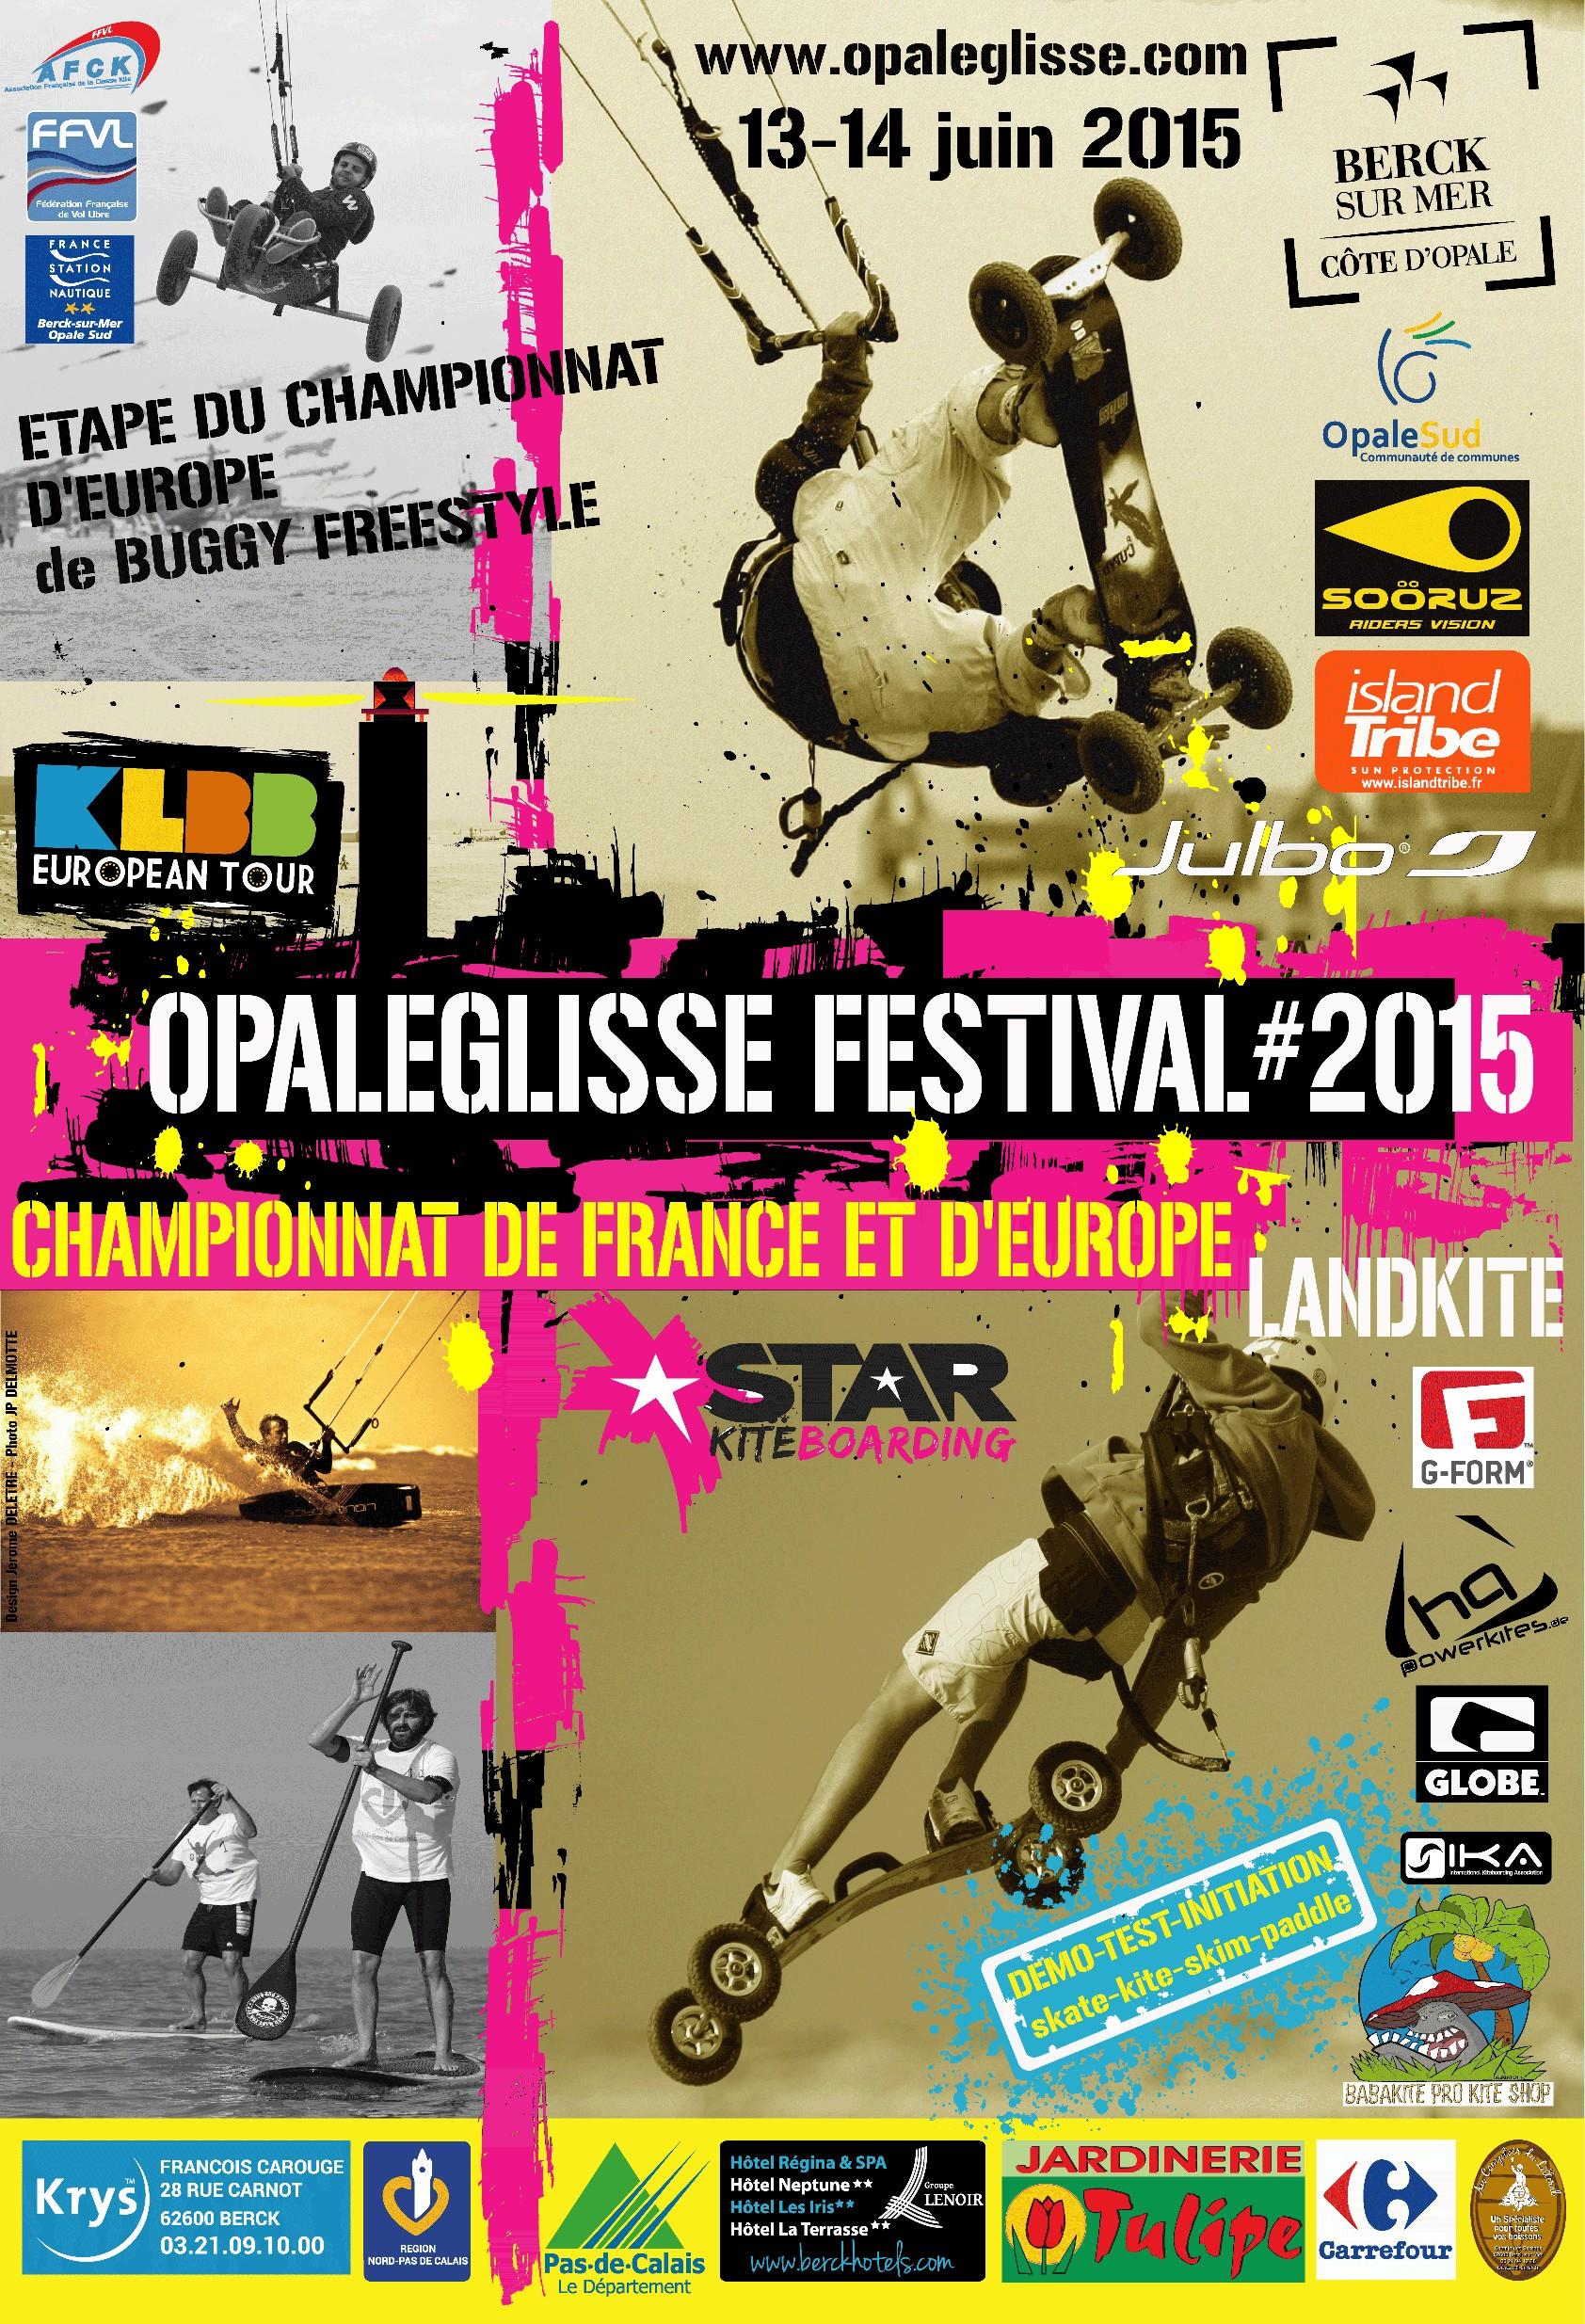 OPALE GLISSE FESTIVAL 2015